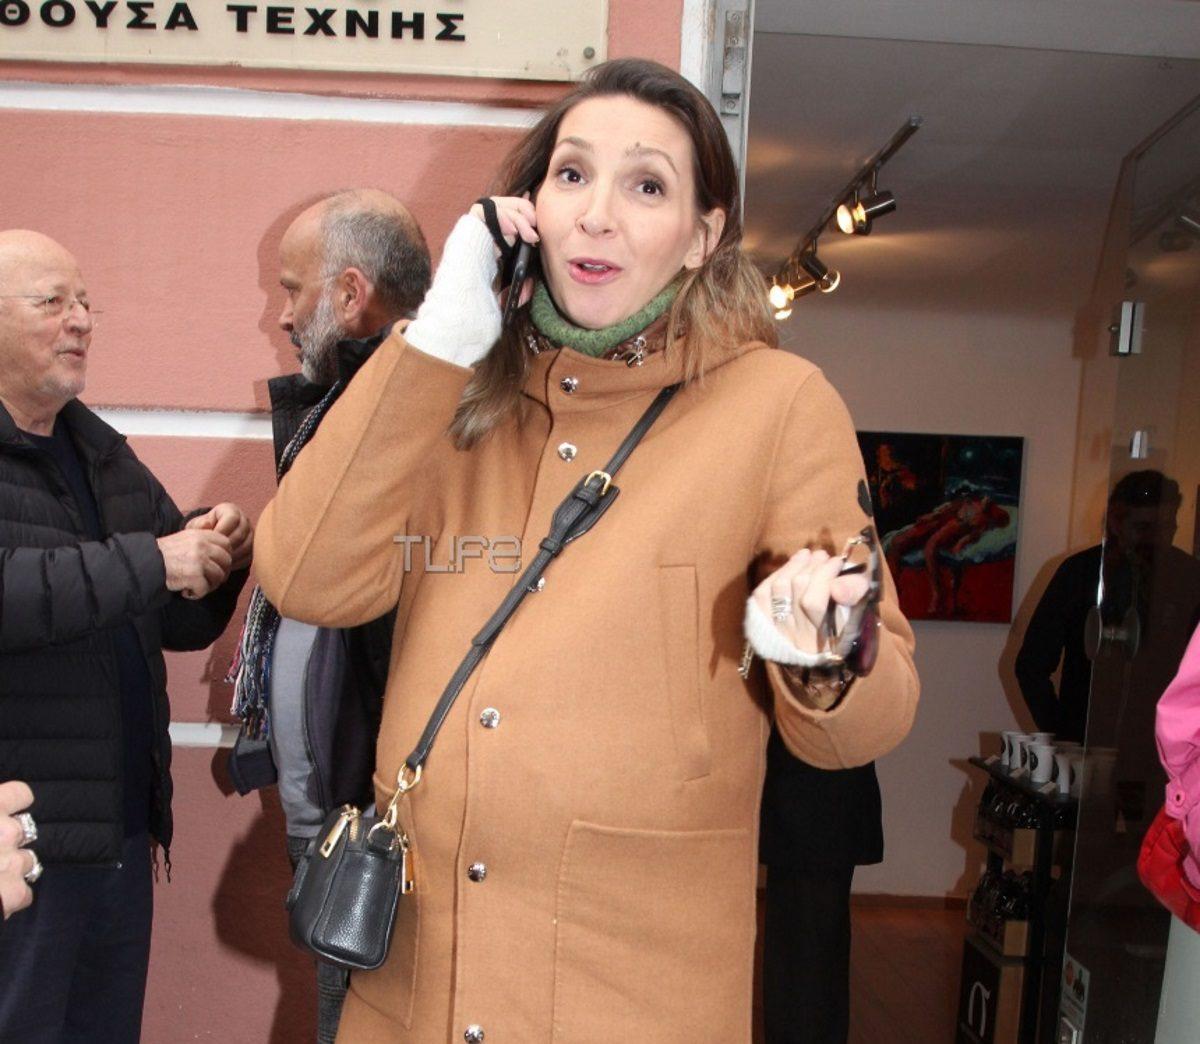 Φανή Χαλκιά: Σπάνια δημόσια εμφάνιση σε προχωρημένη εγκυμοσύνη! [pics] | tlife.gr